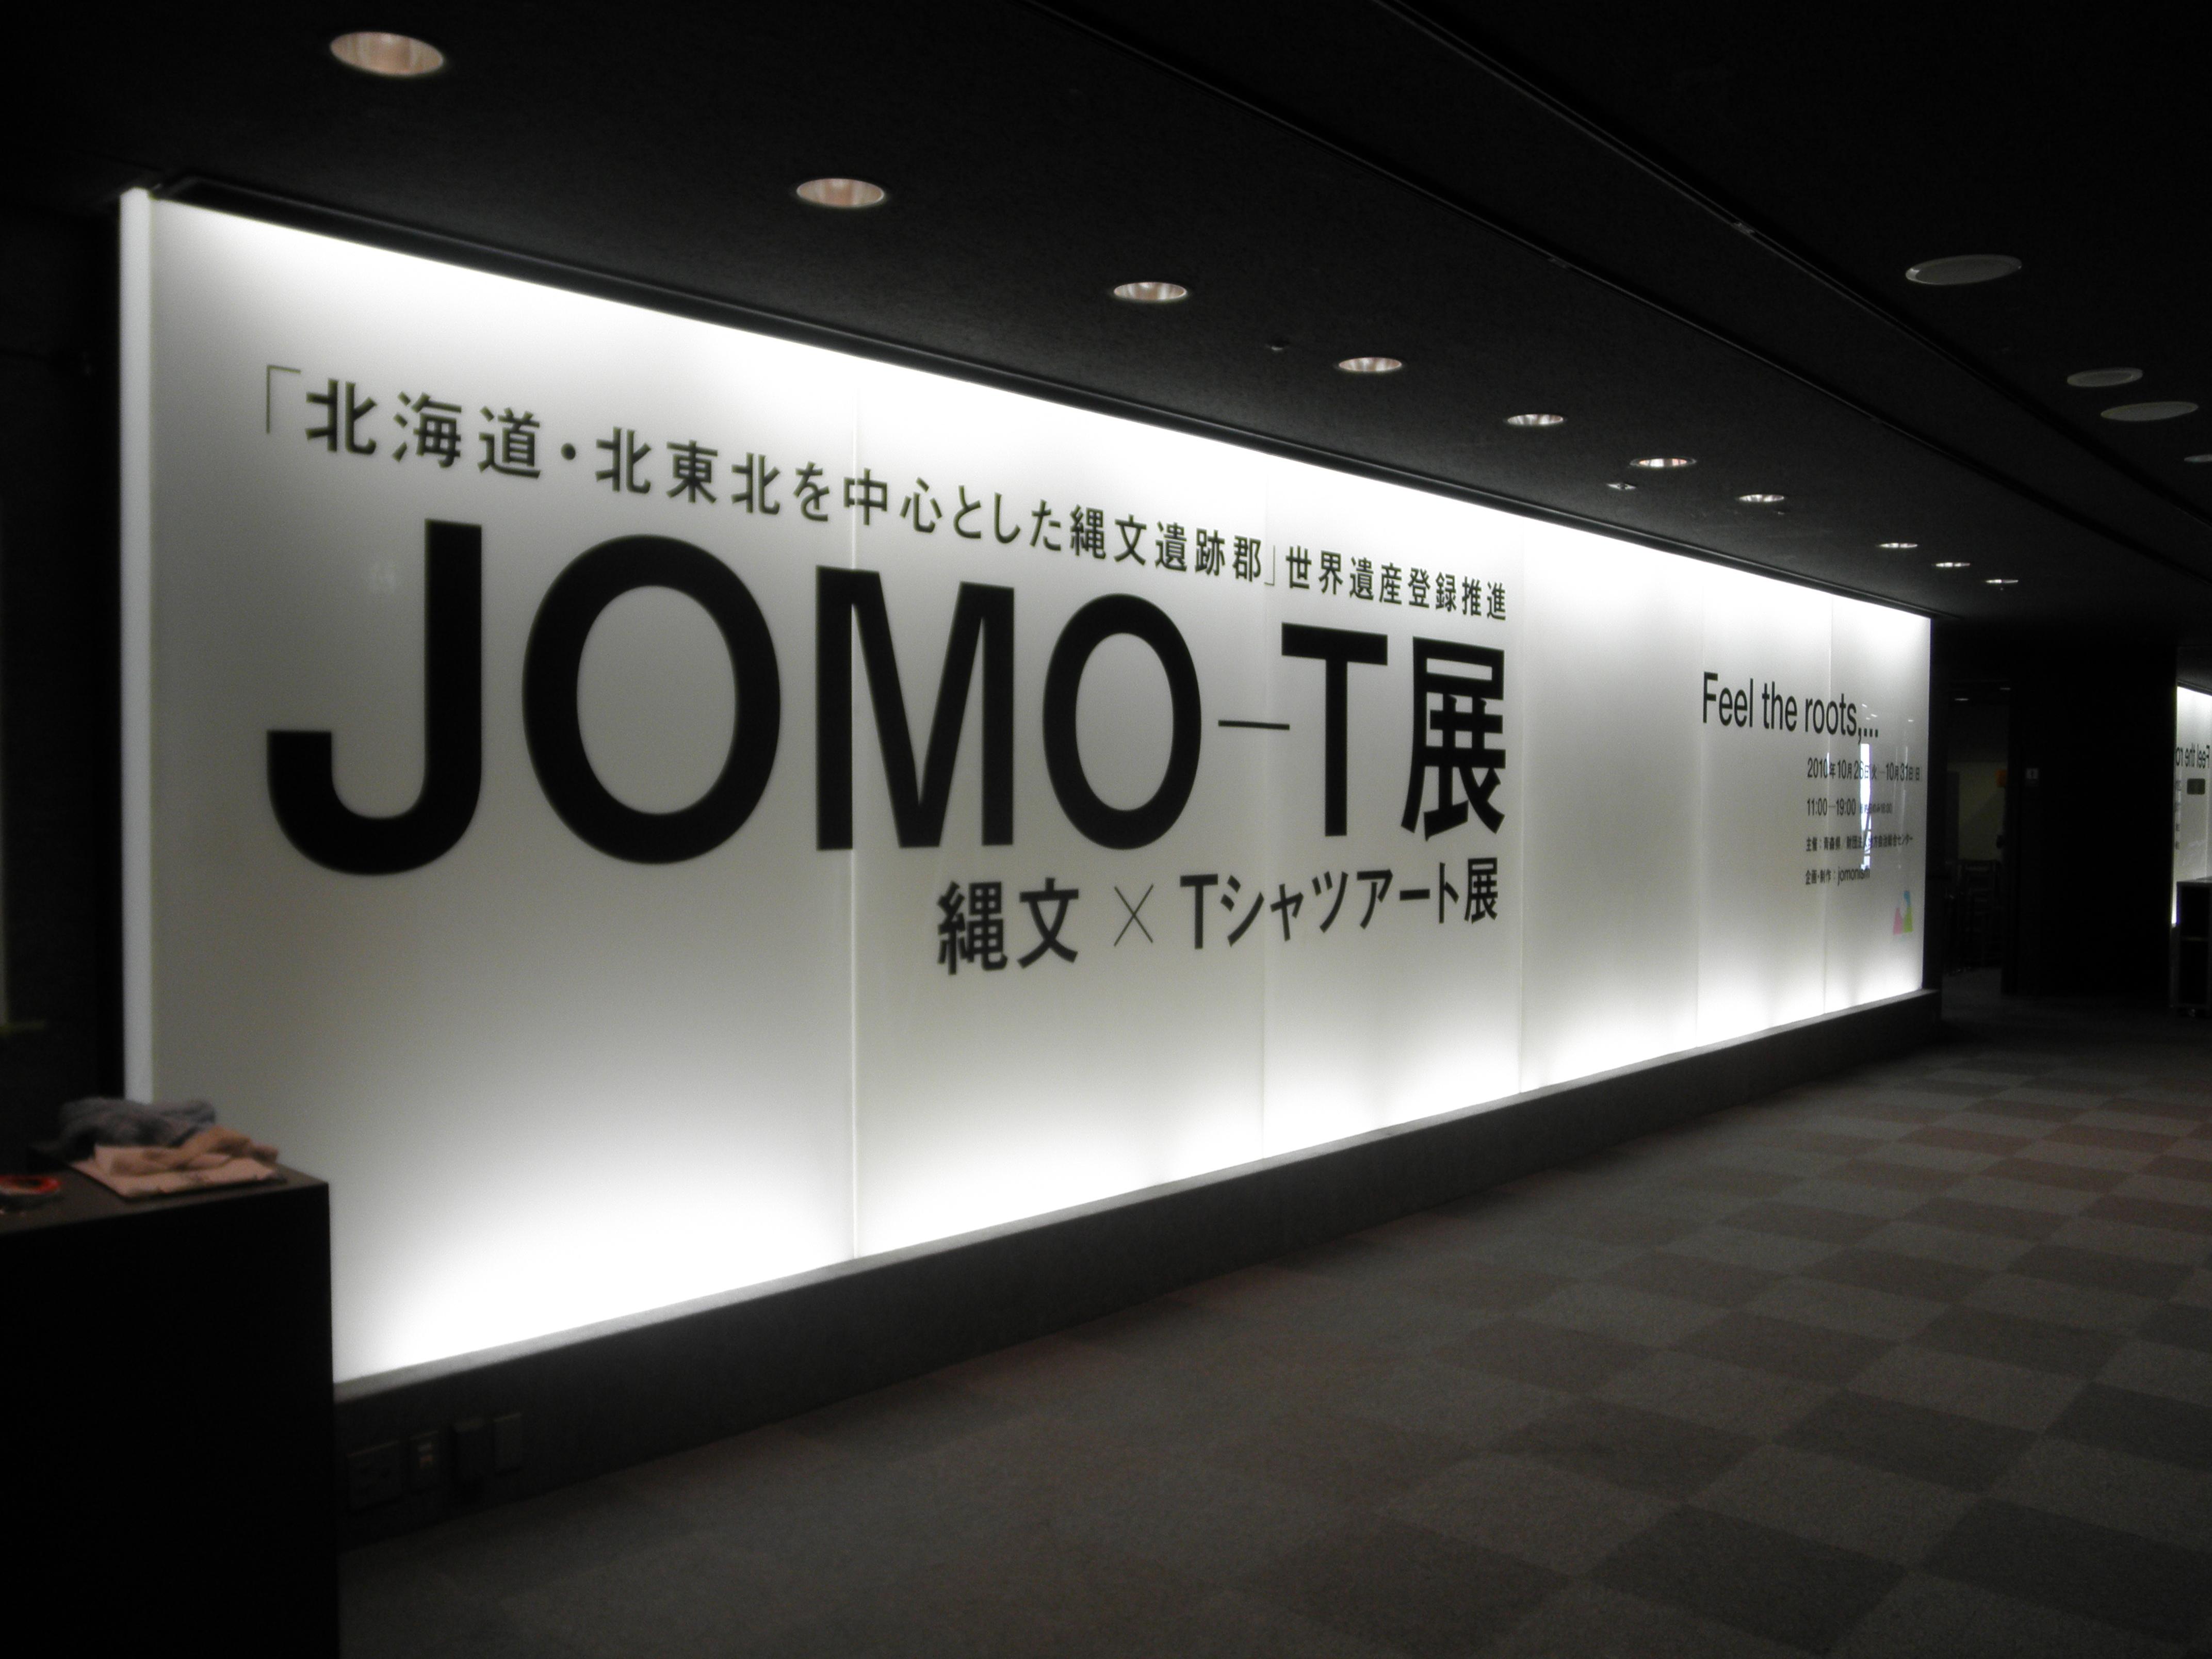 イベント会場のカッティングシート 渋谷区原宿